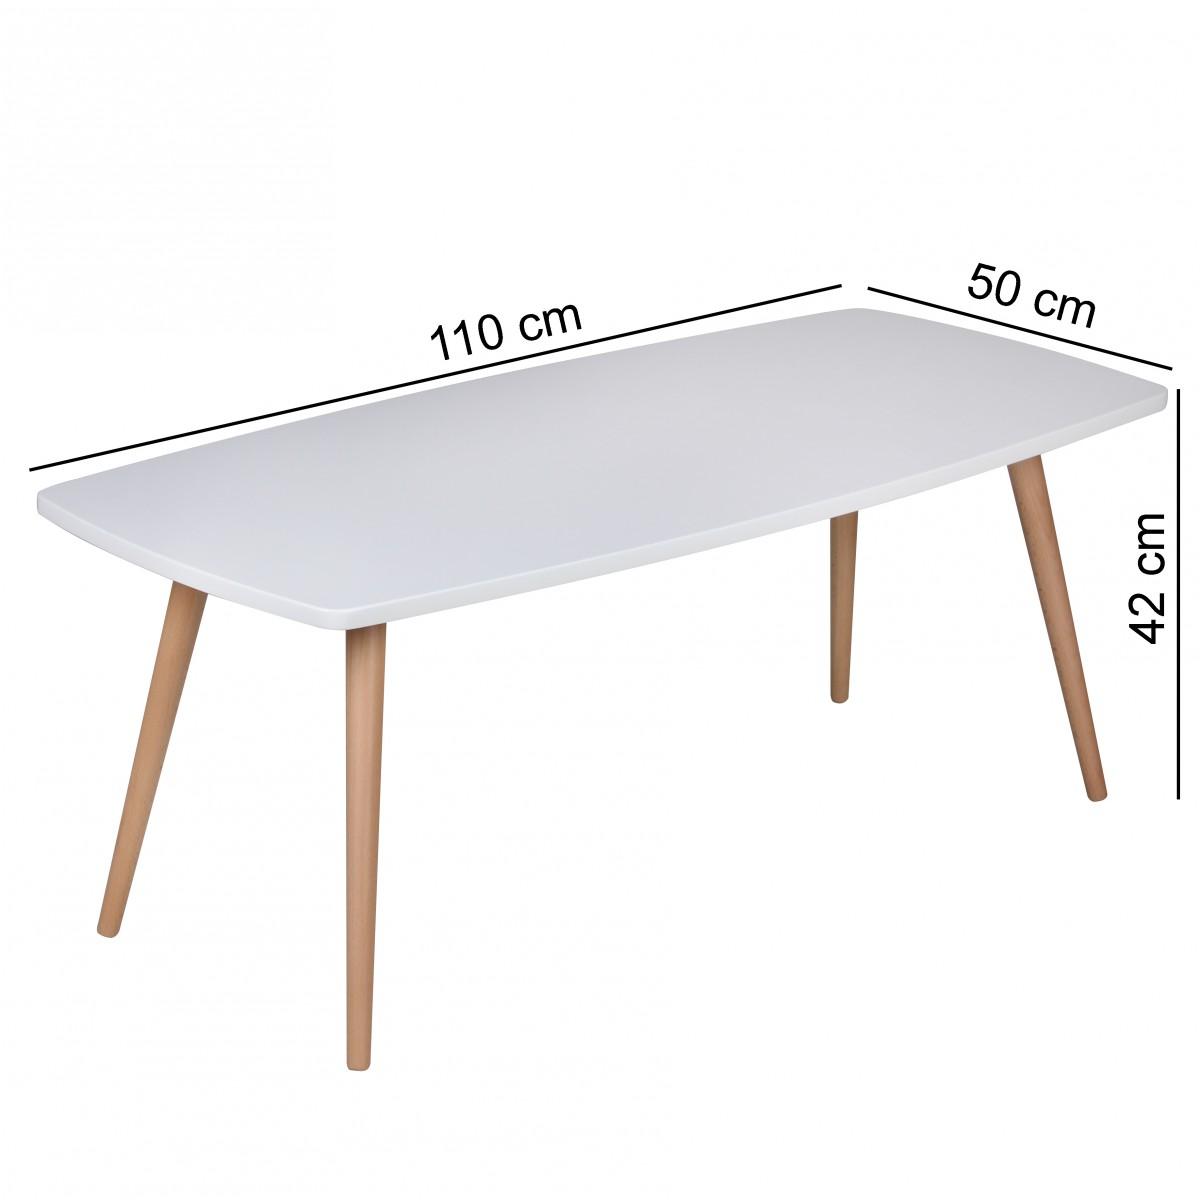 Design couchtisch skandi 110 x 50 x 42 cm rechteckig retro for Couchtisch 100